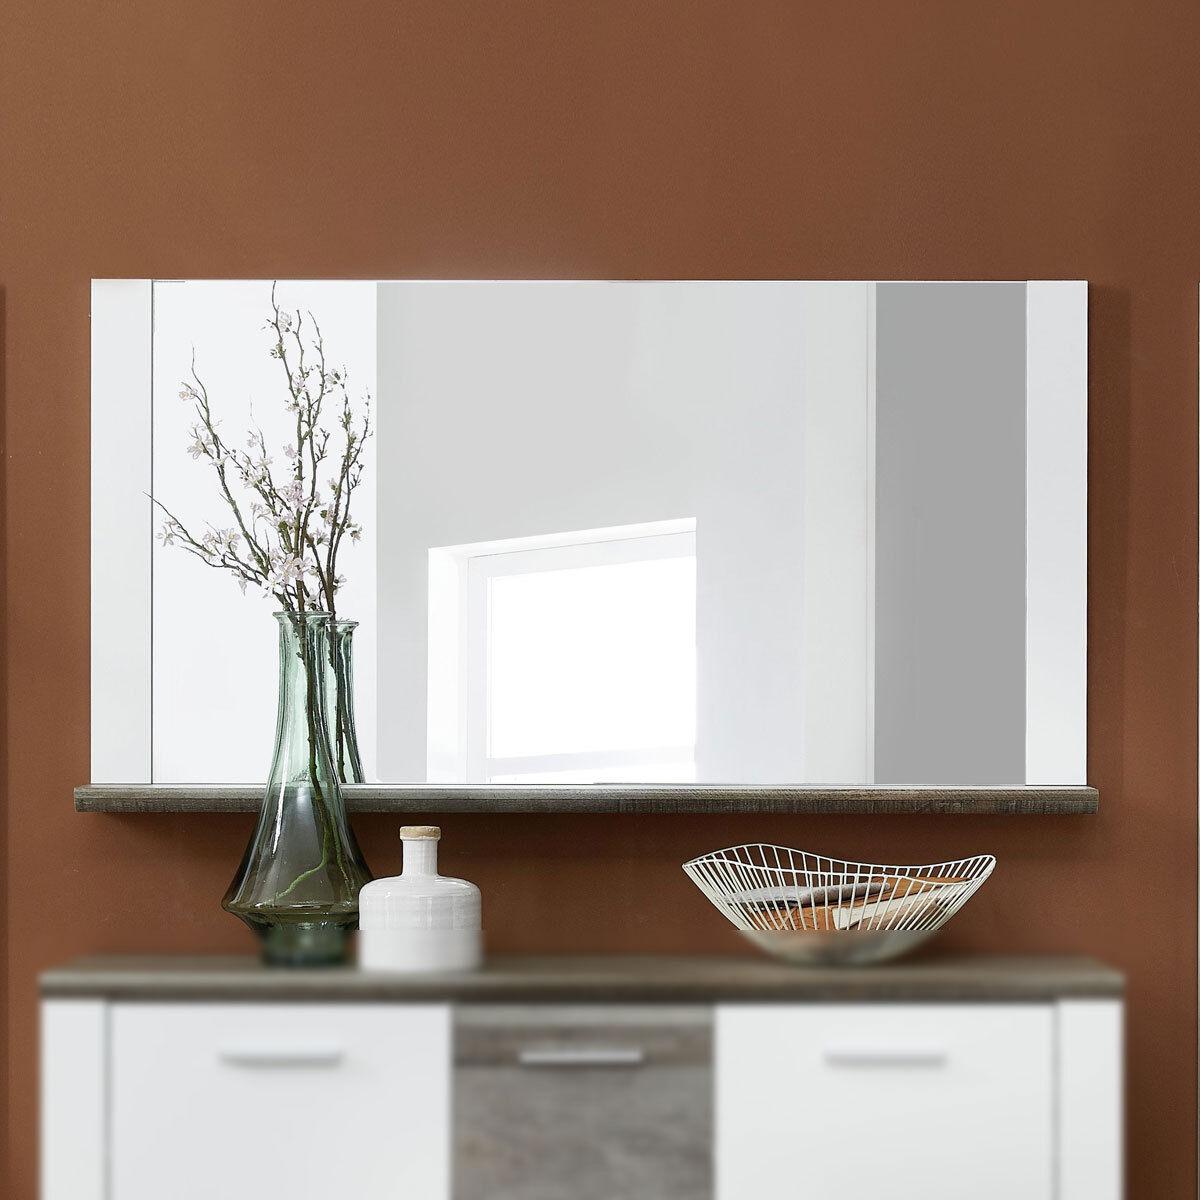 Spiegel Mateo Wandspiegel Dielenmöbel Flurmöbel in weiß und Driftwood 131x70 cm